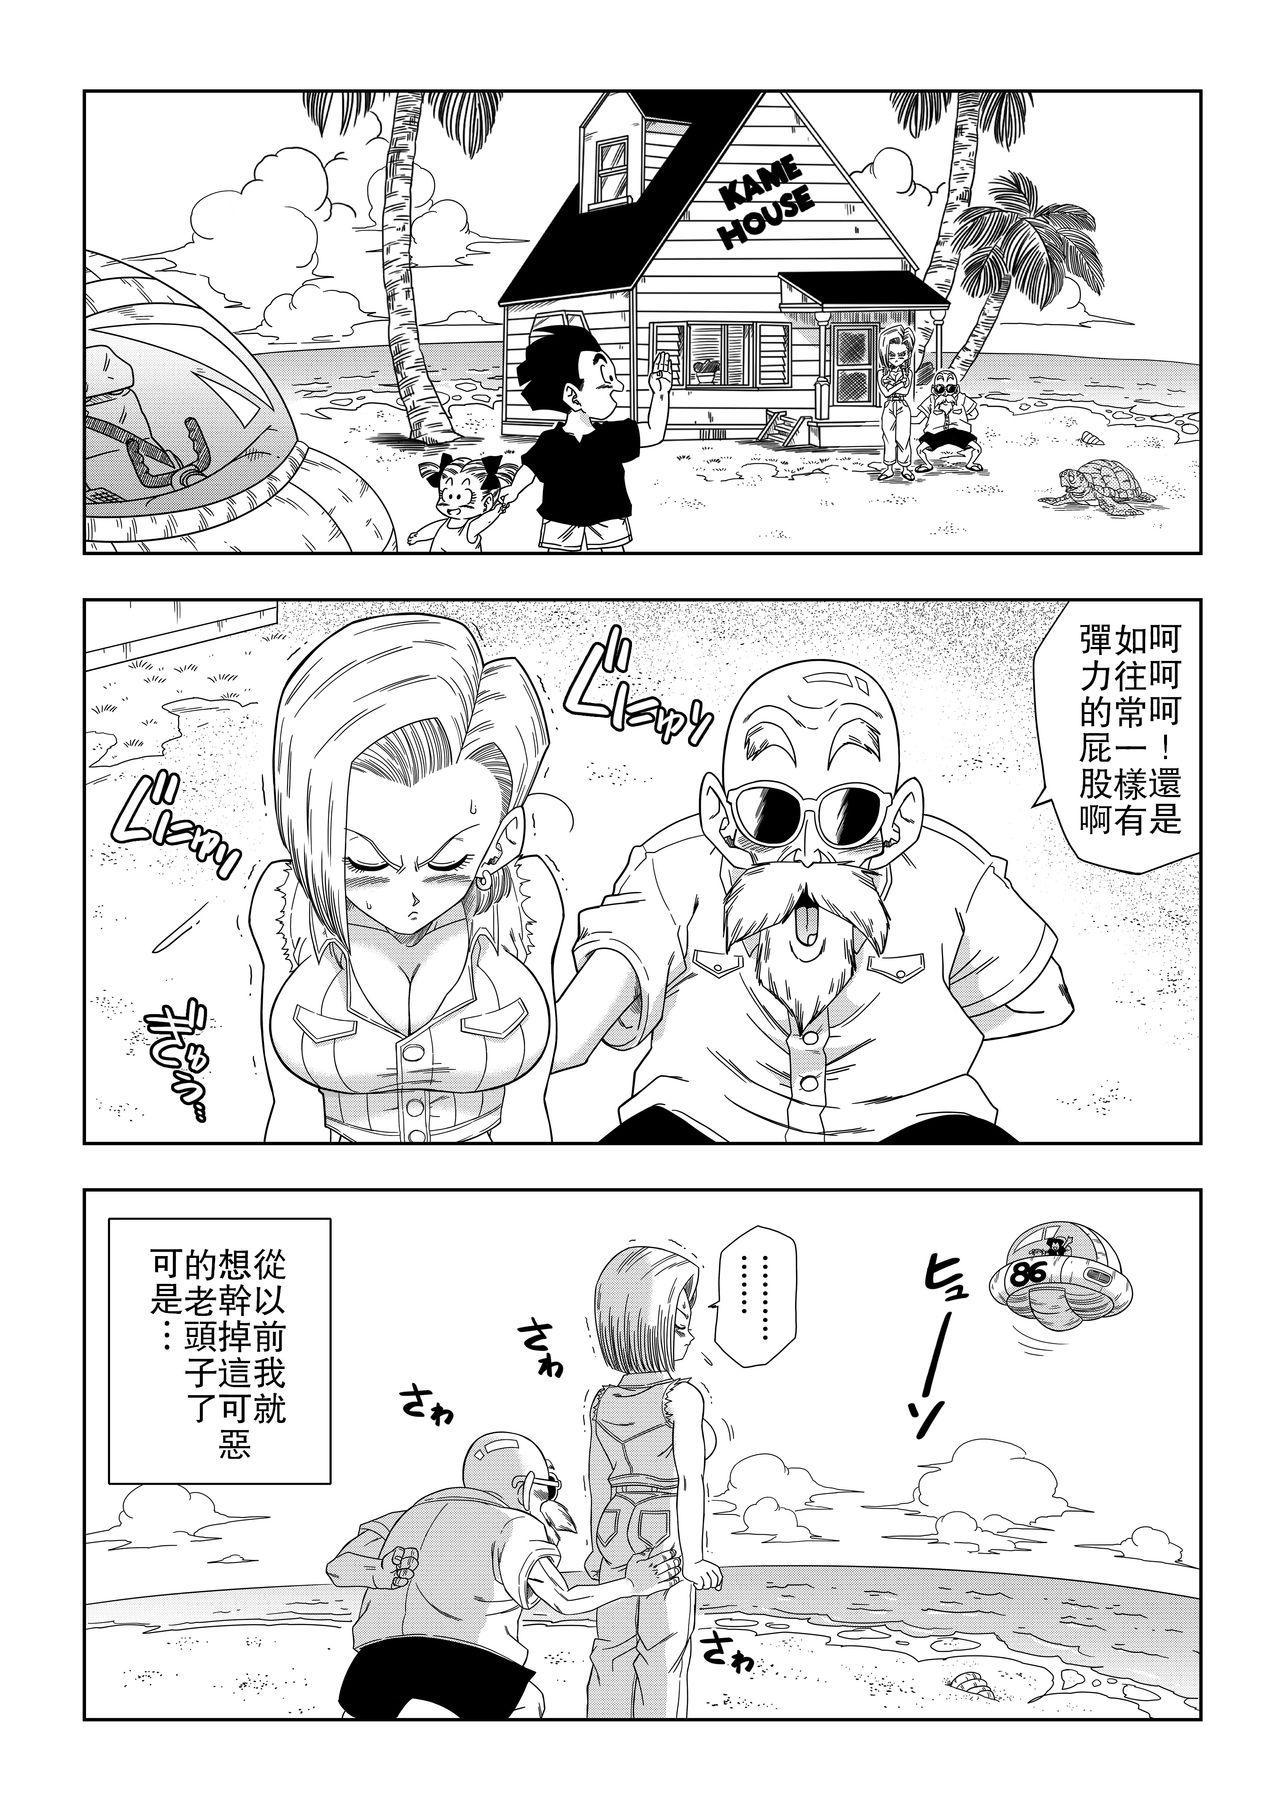 18-gou vs Kame Sennin 1